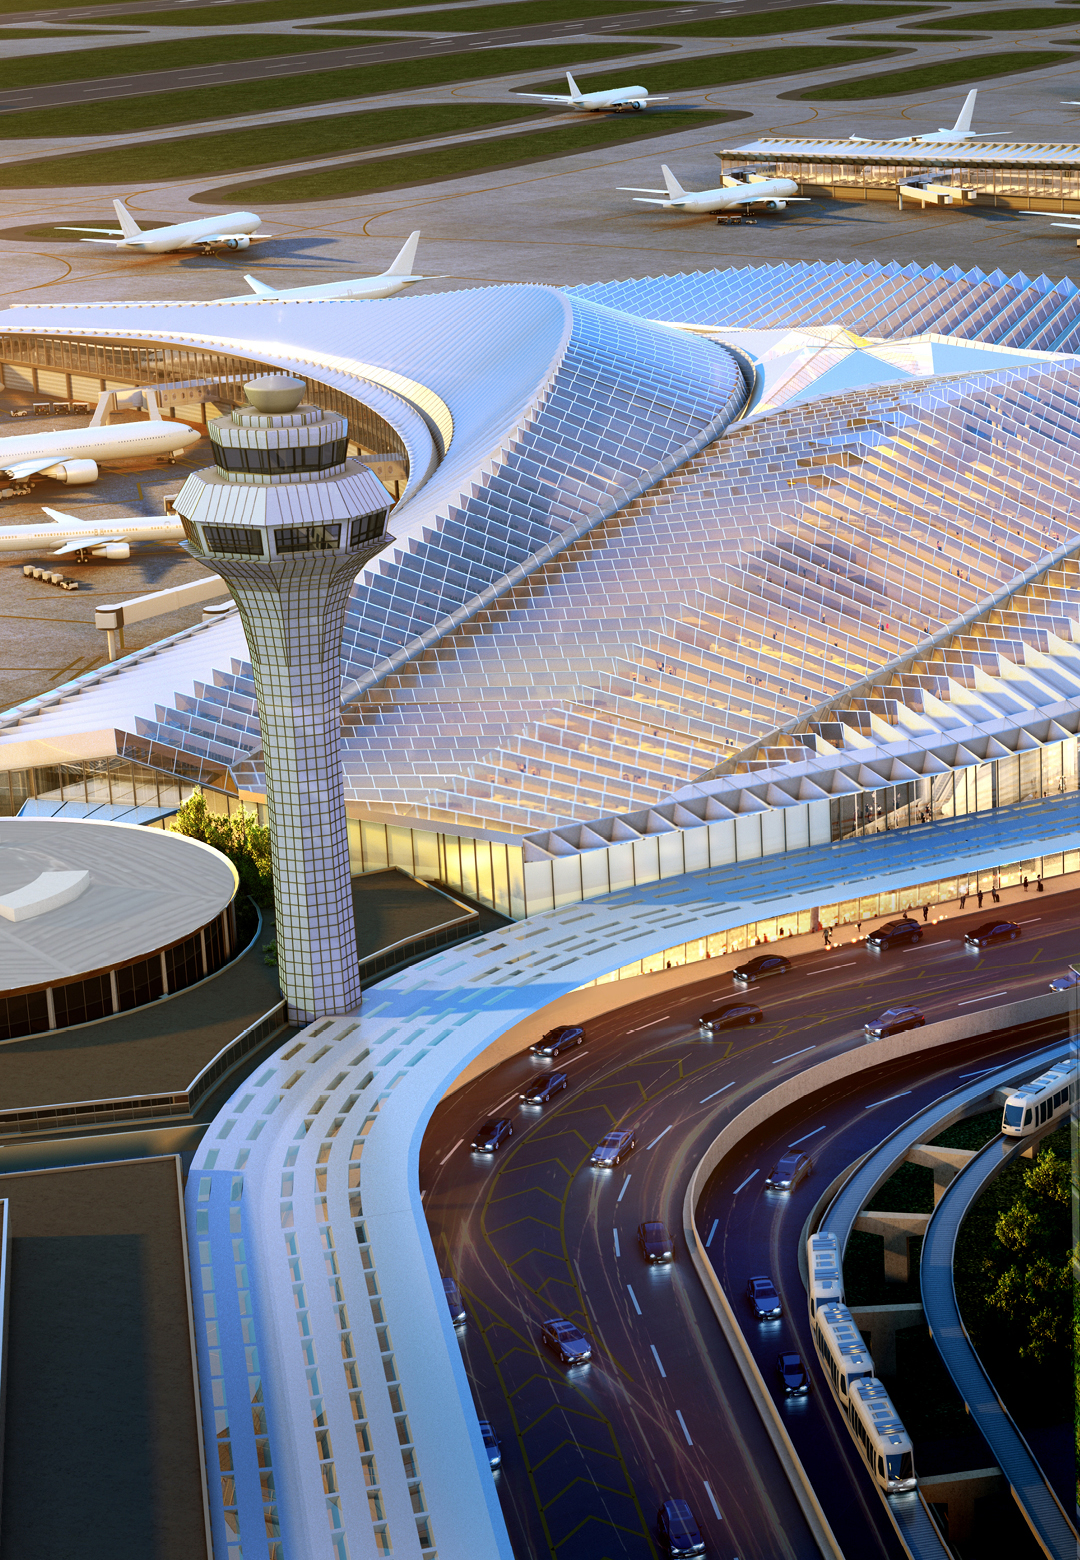 Studio ORD's design for O'Hare International Airport| O'Hare International Airport| Studio ORD| STIR